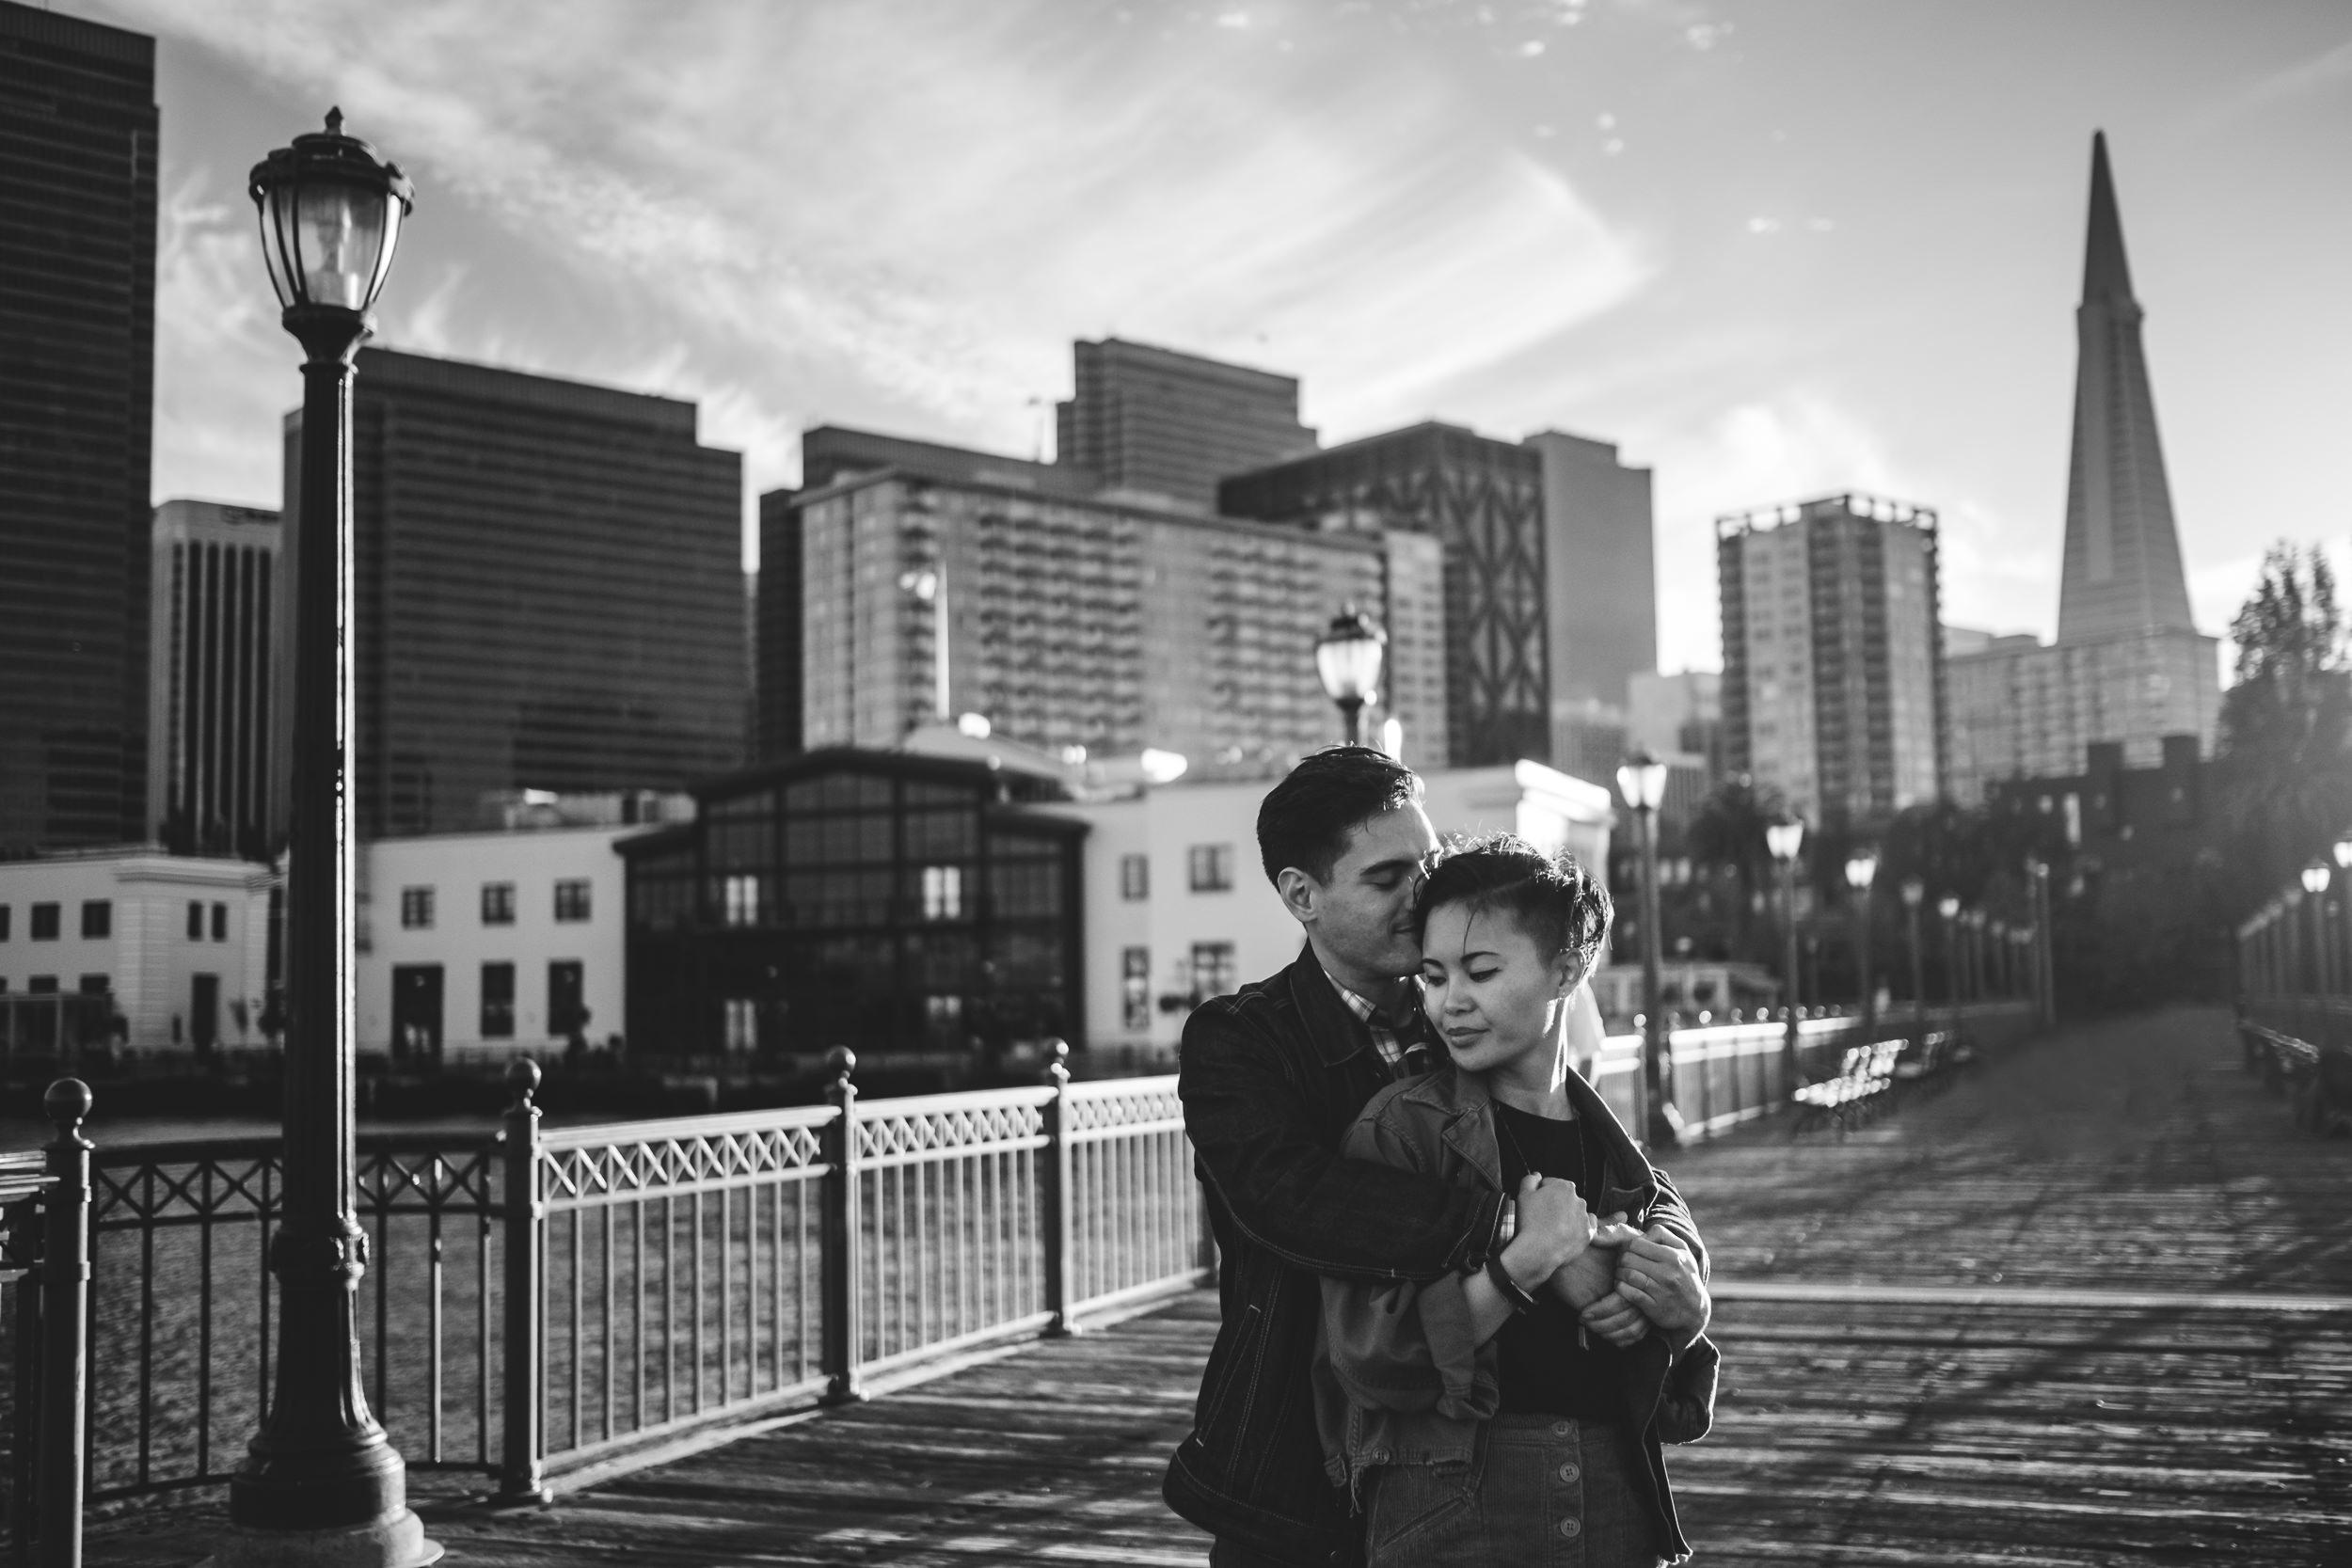 San-Francisco-Embarcadero-Engagement-Photos-010.jpg